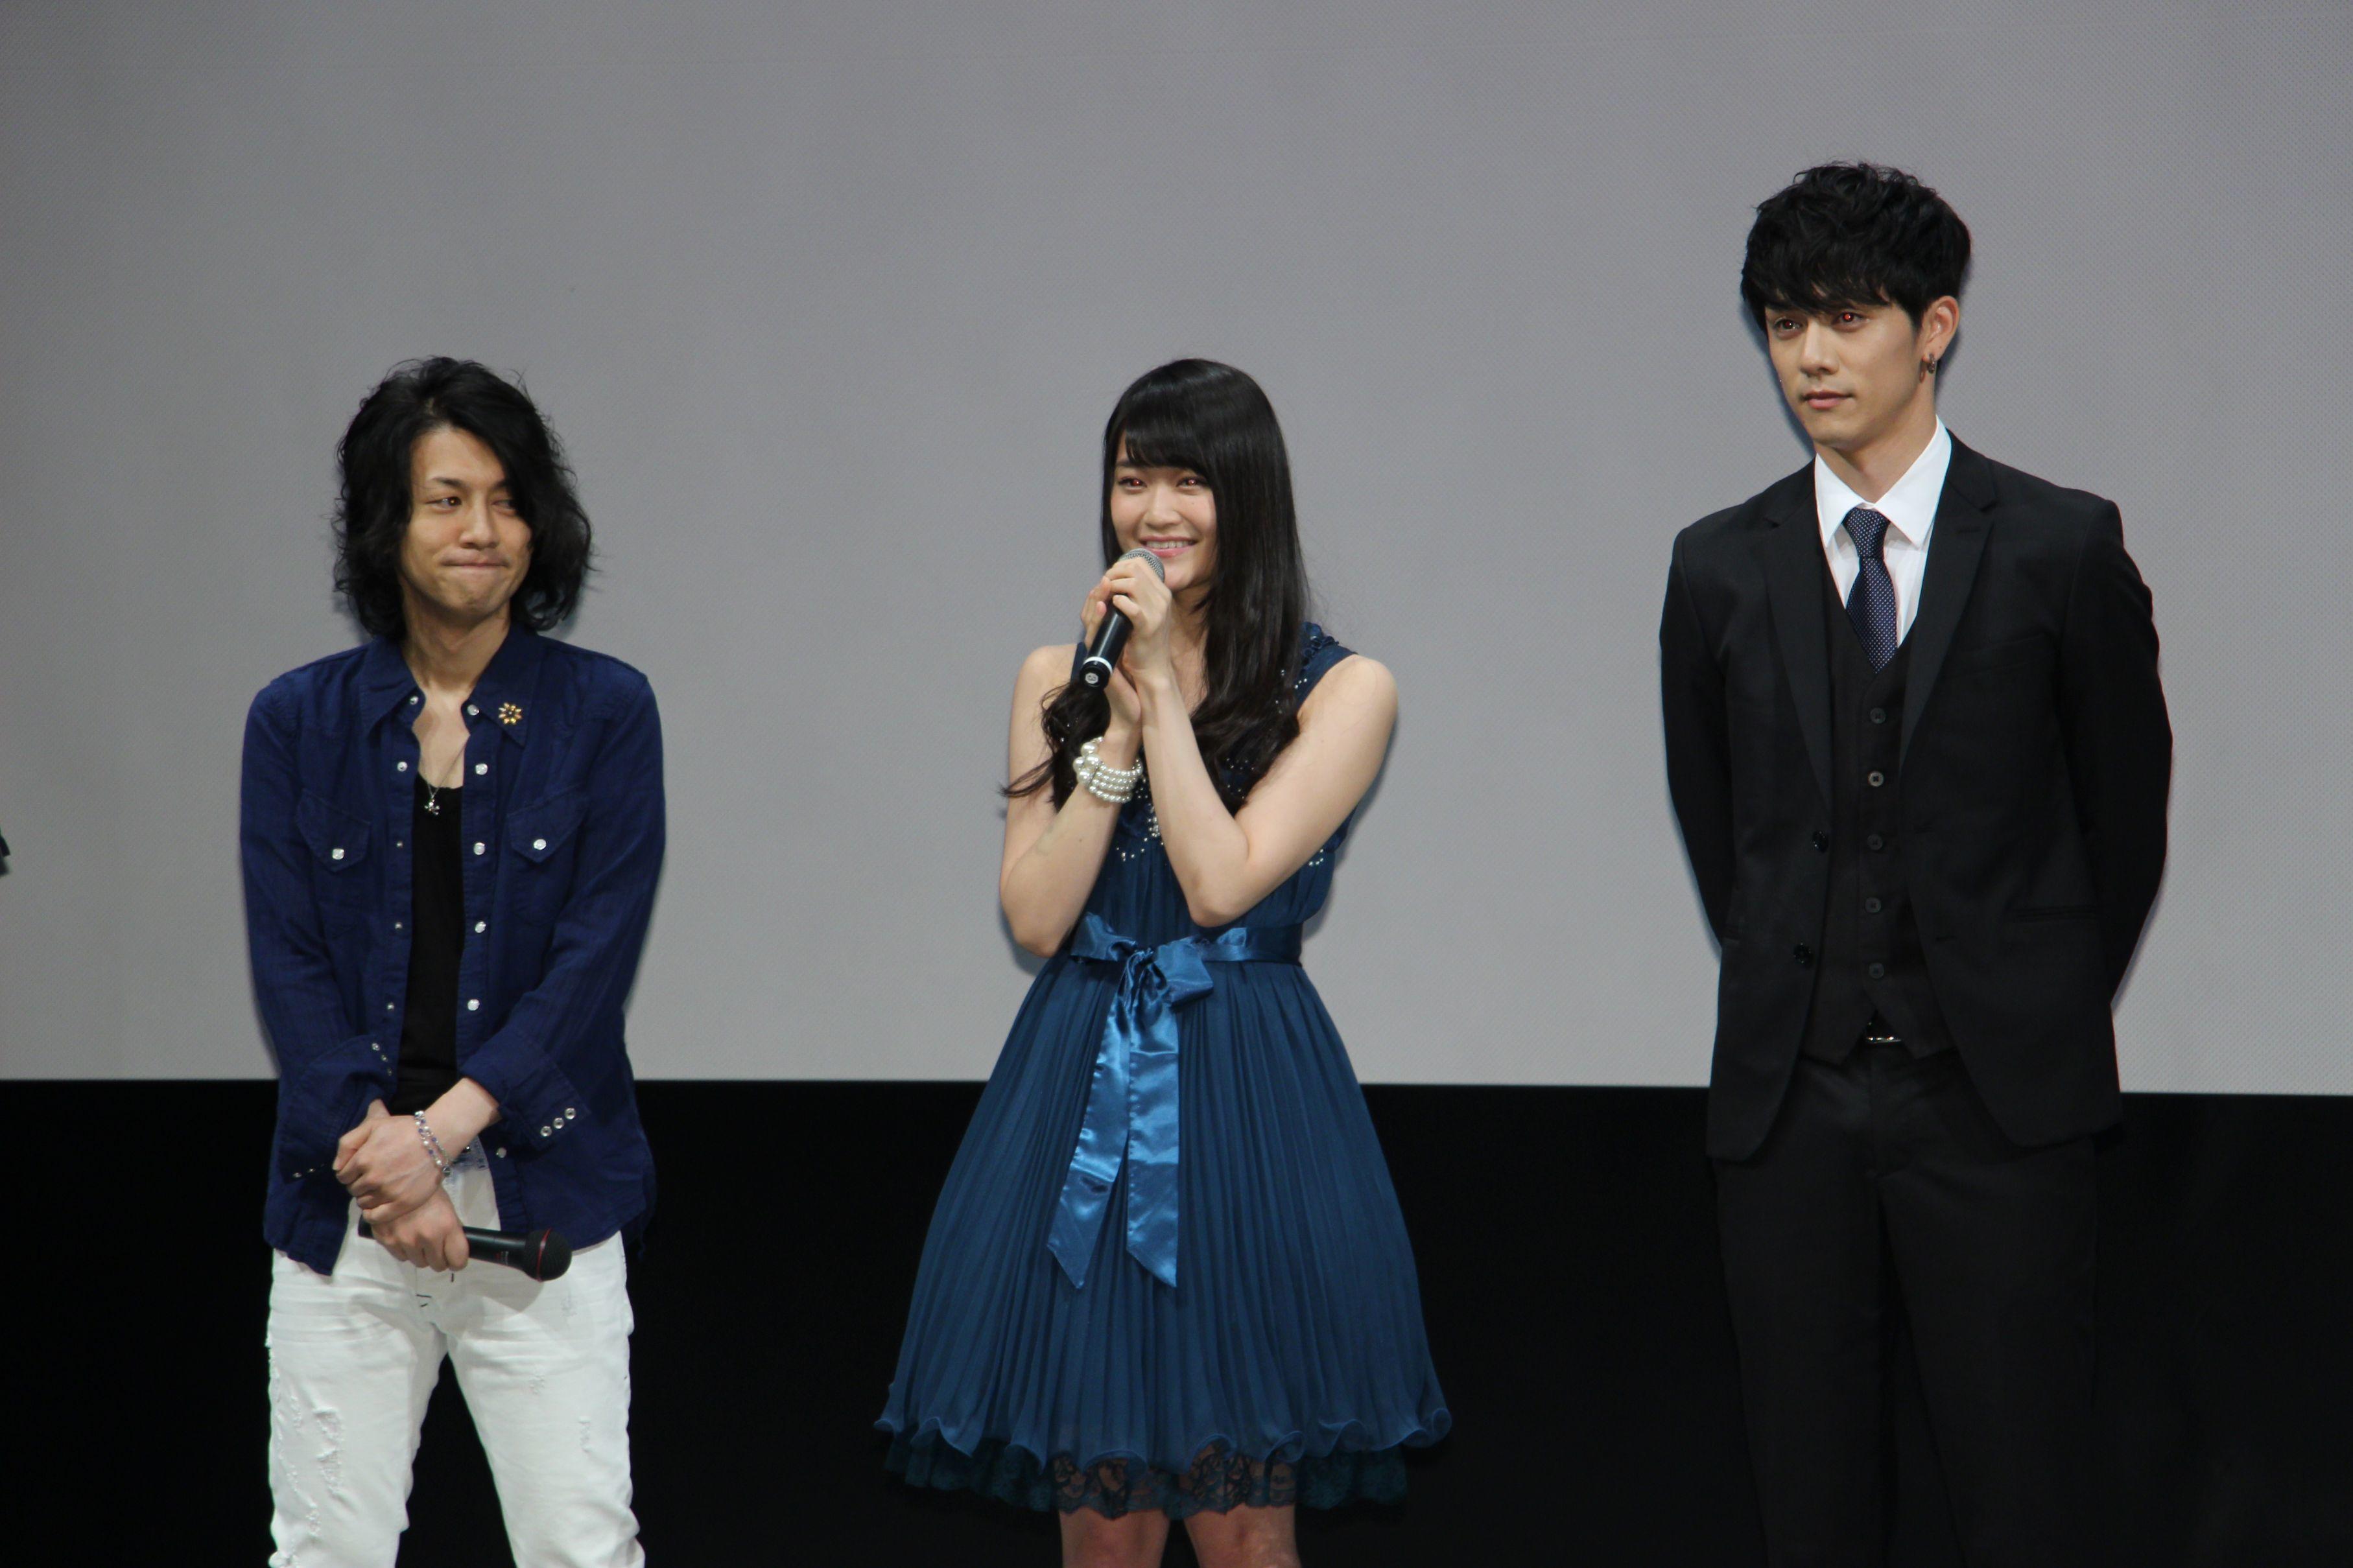 左から、祁答院慎氏、欅坂46・石森虹花、青木玄徳